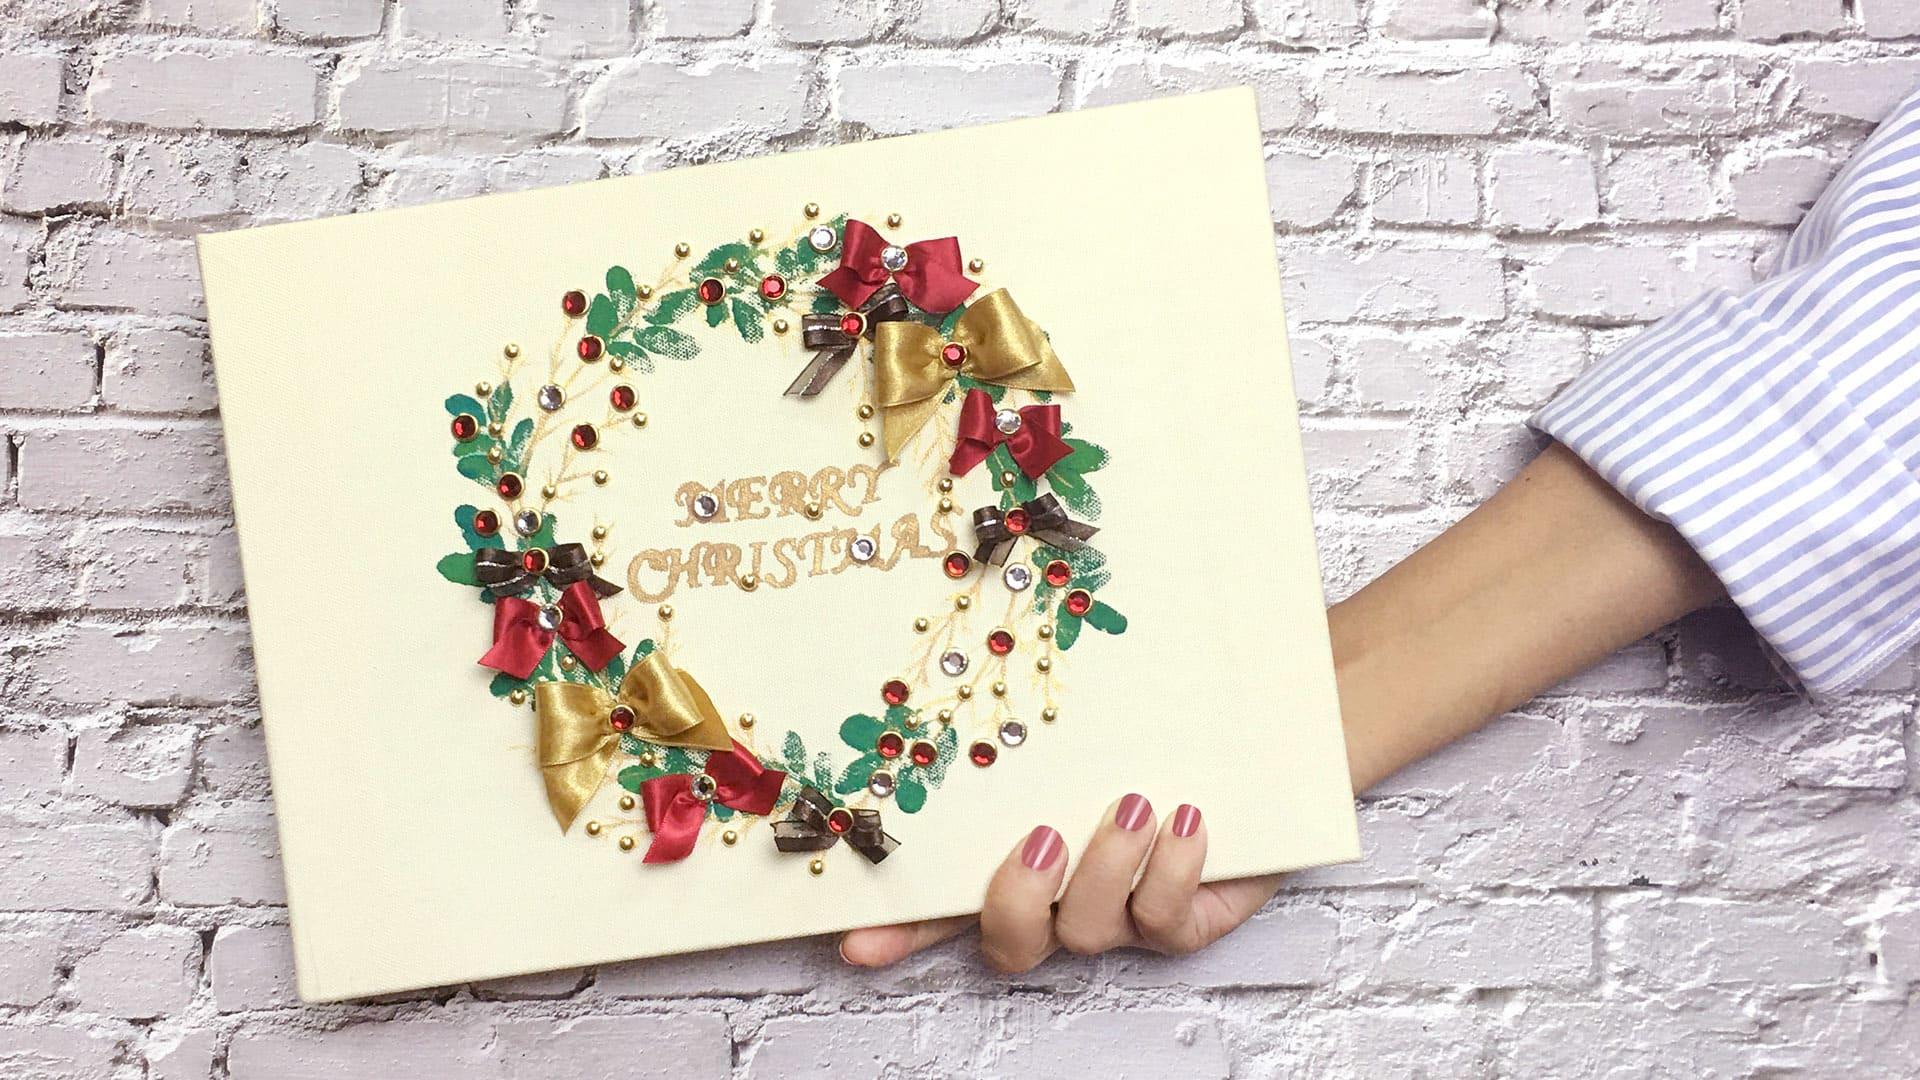 【超酷聖誕小物】給你滿滿的聖誕佈置 DIY ideas!